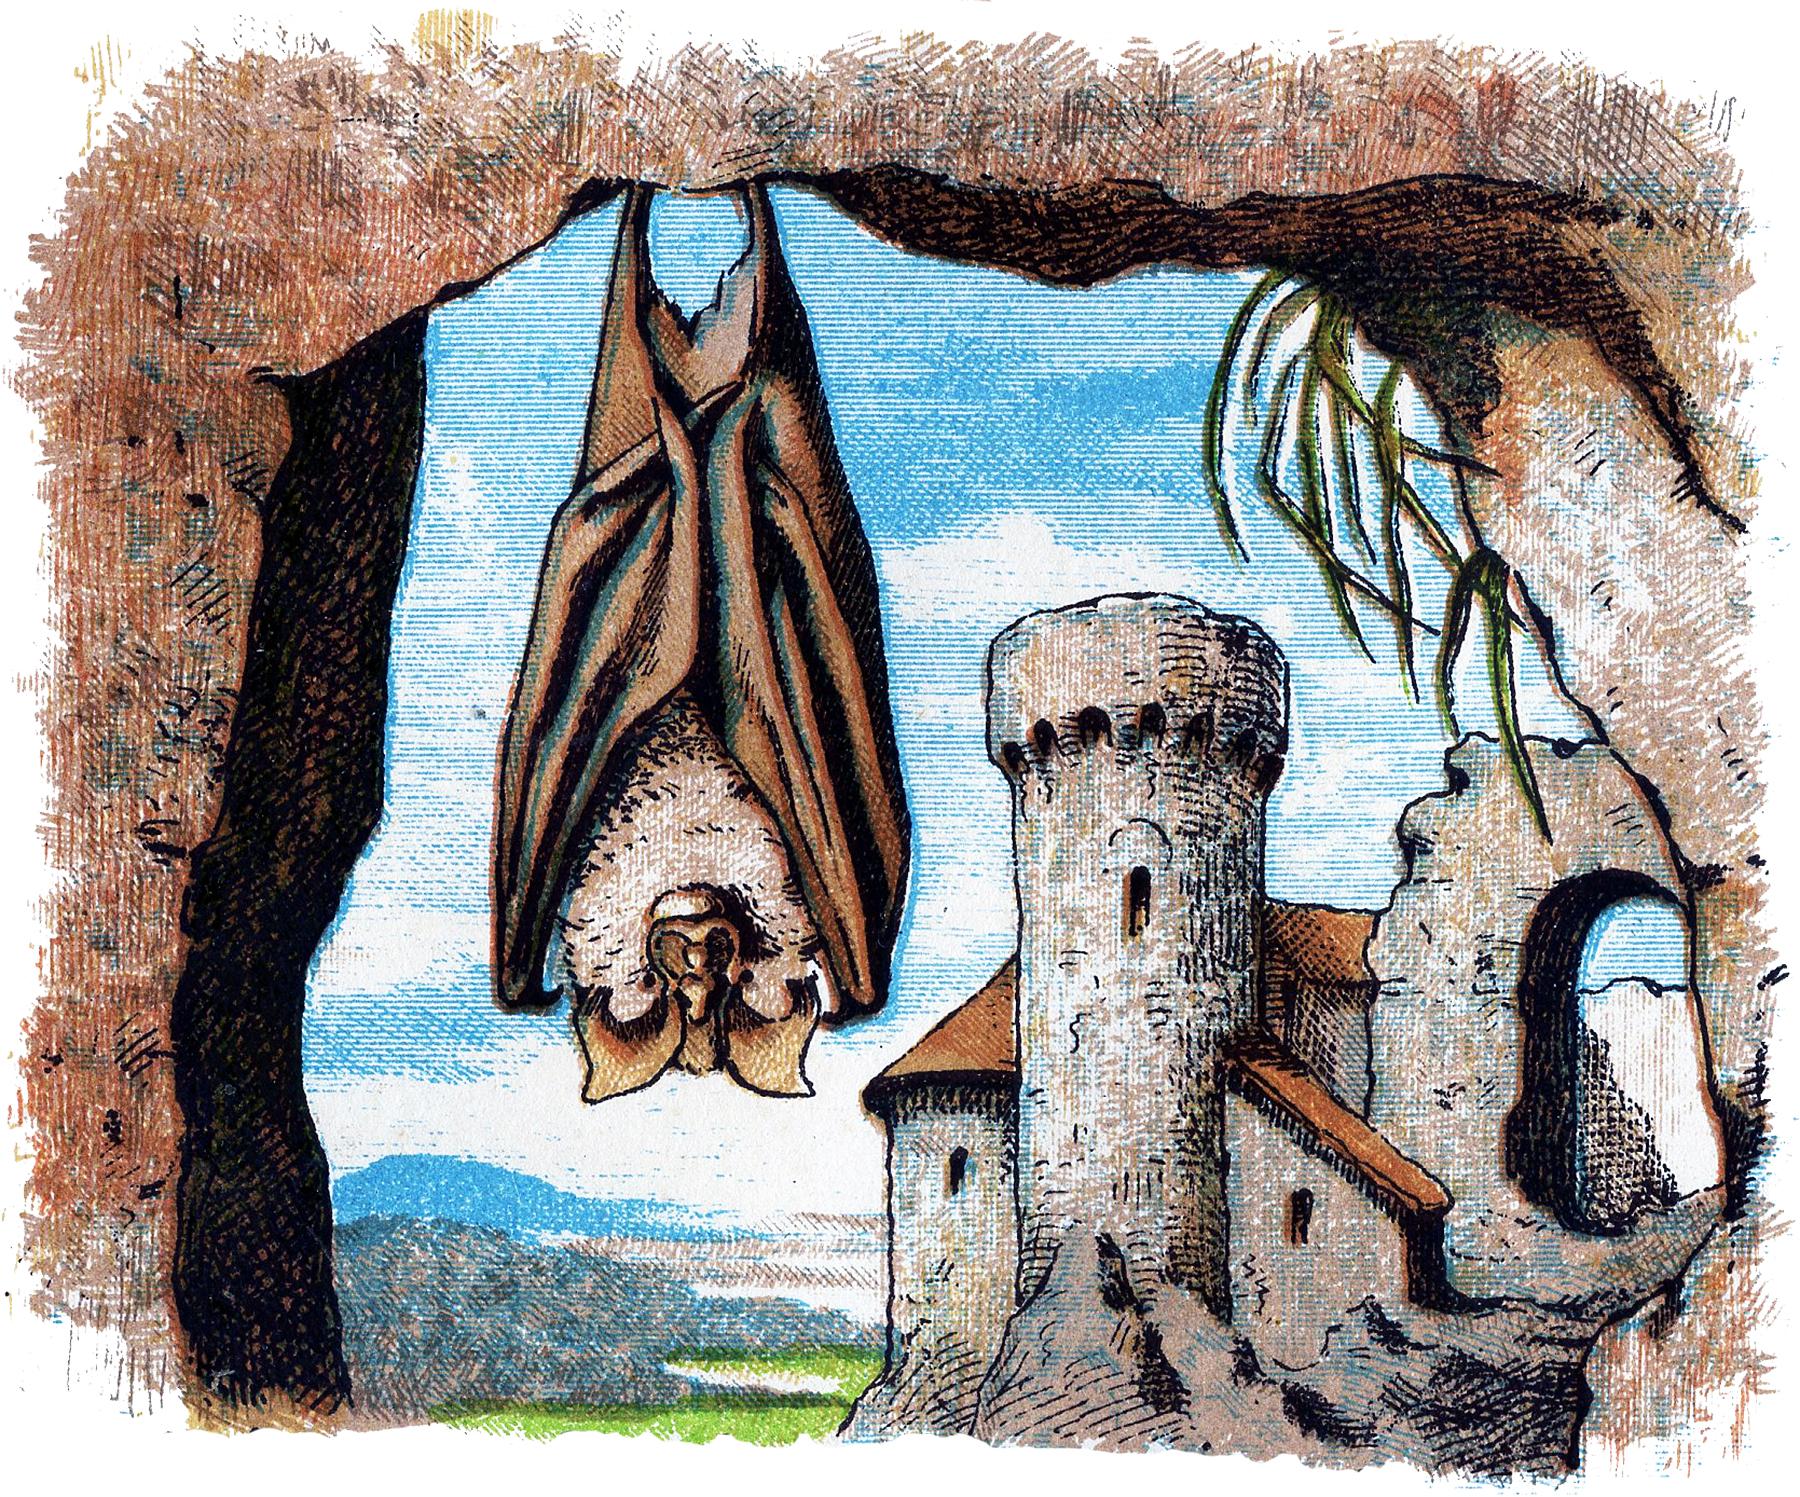 12 Bat Images - Vintage Halloween